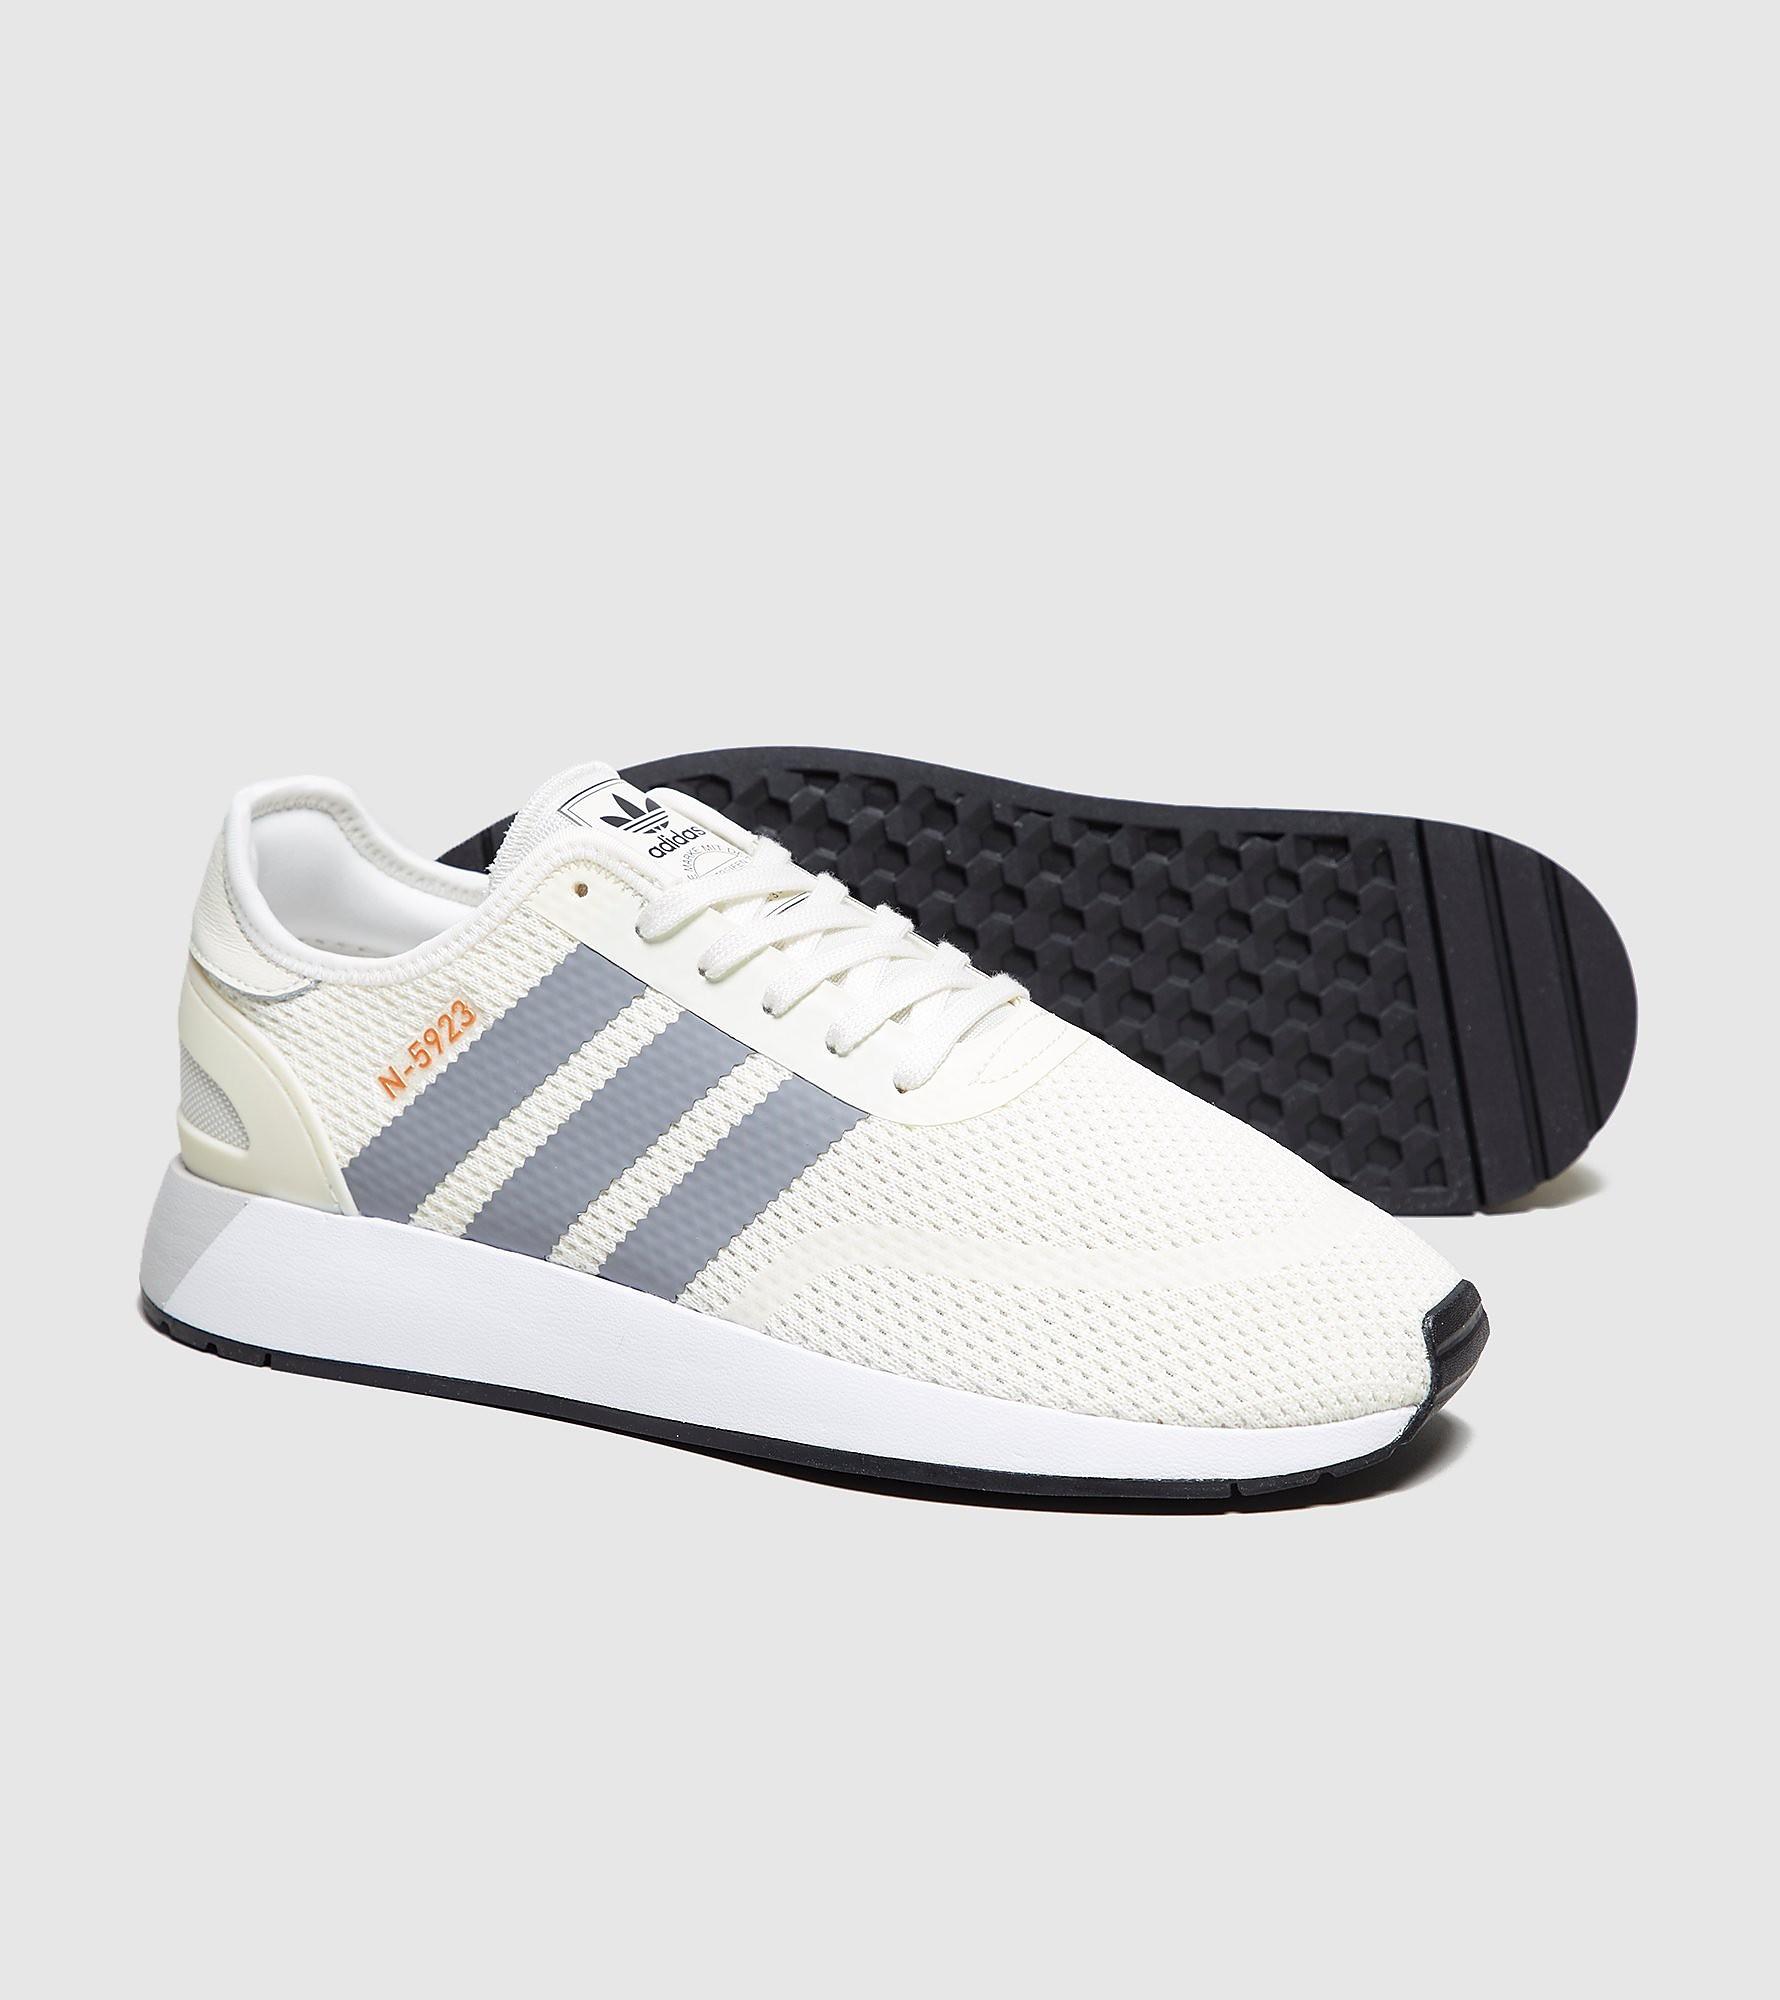 adidas Originals N-5293